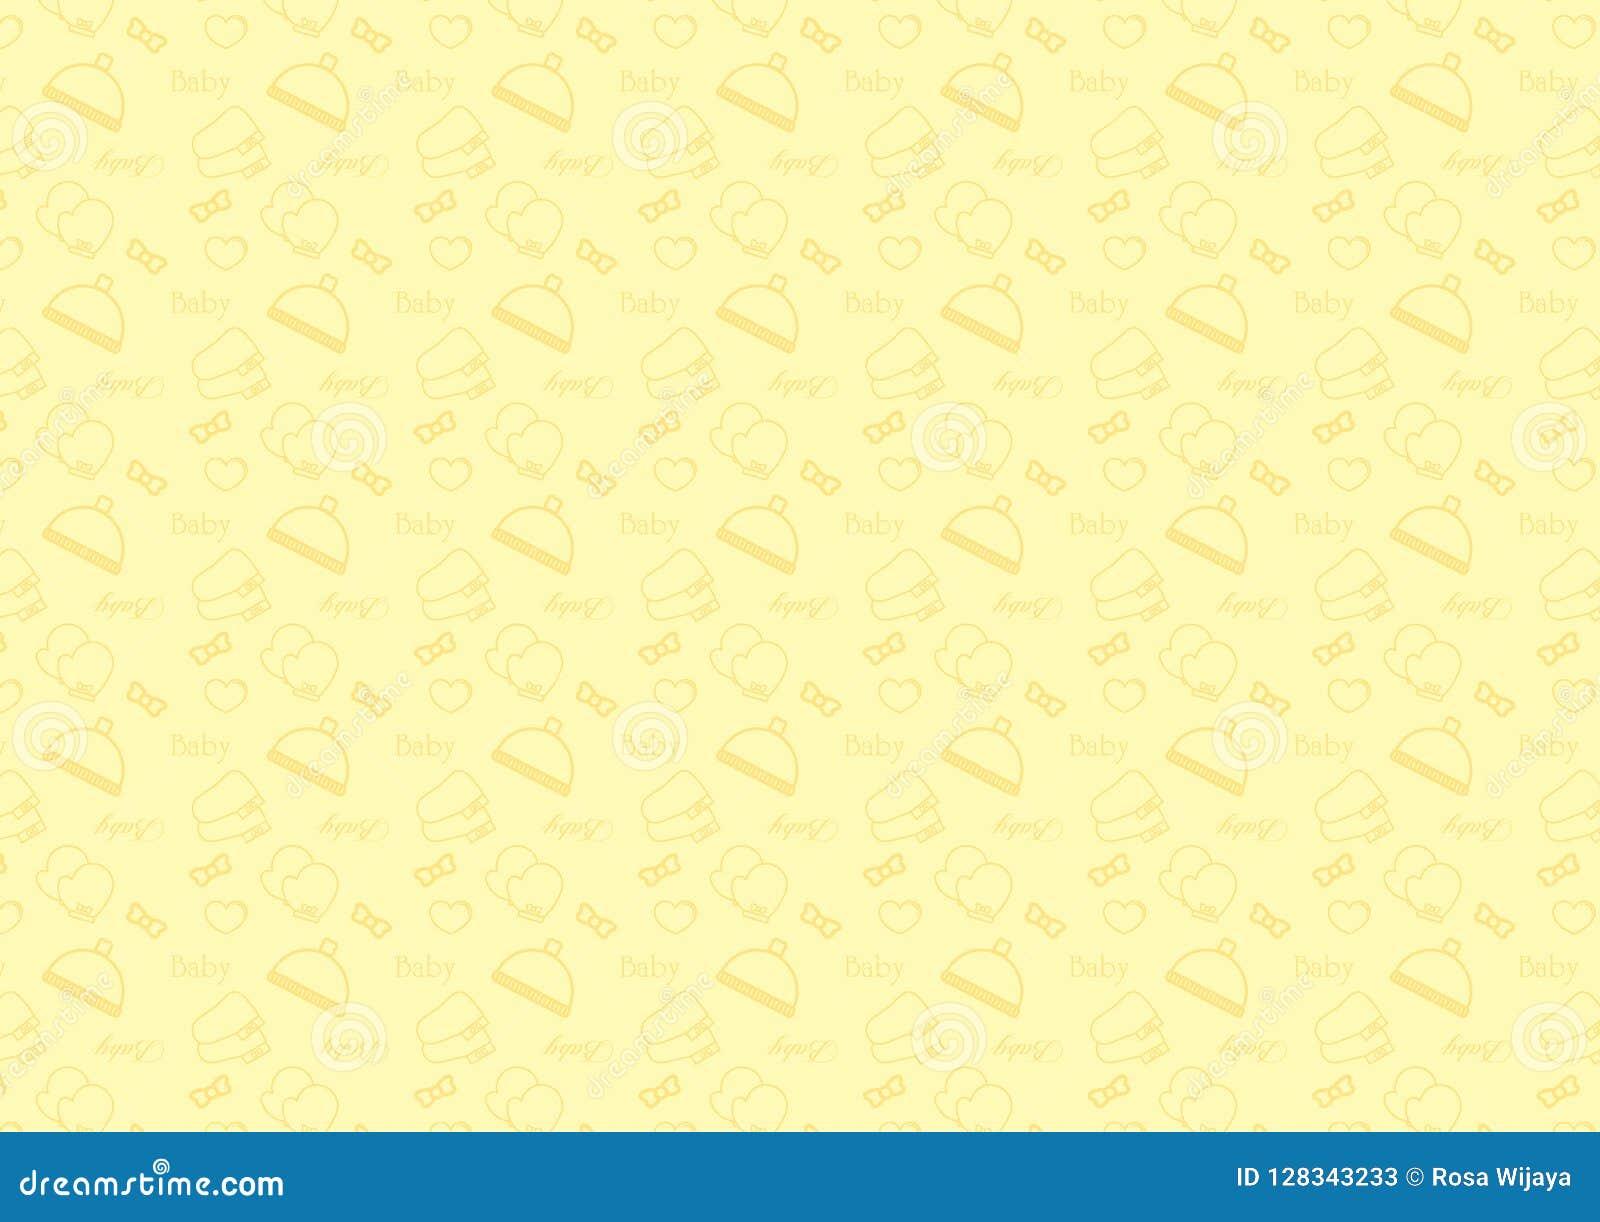 Het naadloze patroon in het pictogram van de lijnstijl met babytoebehoren als thema heeft volledig editable resizable vector in z